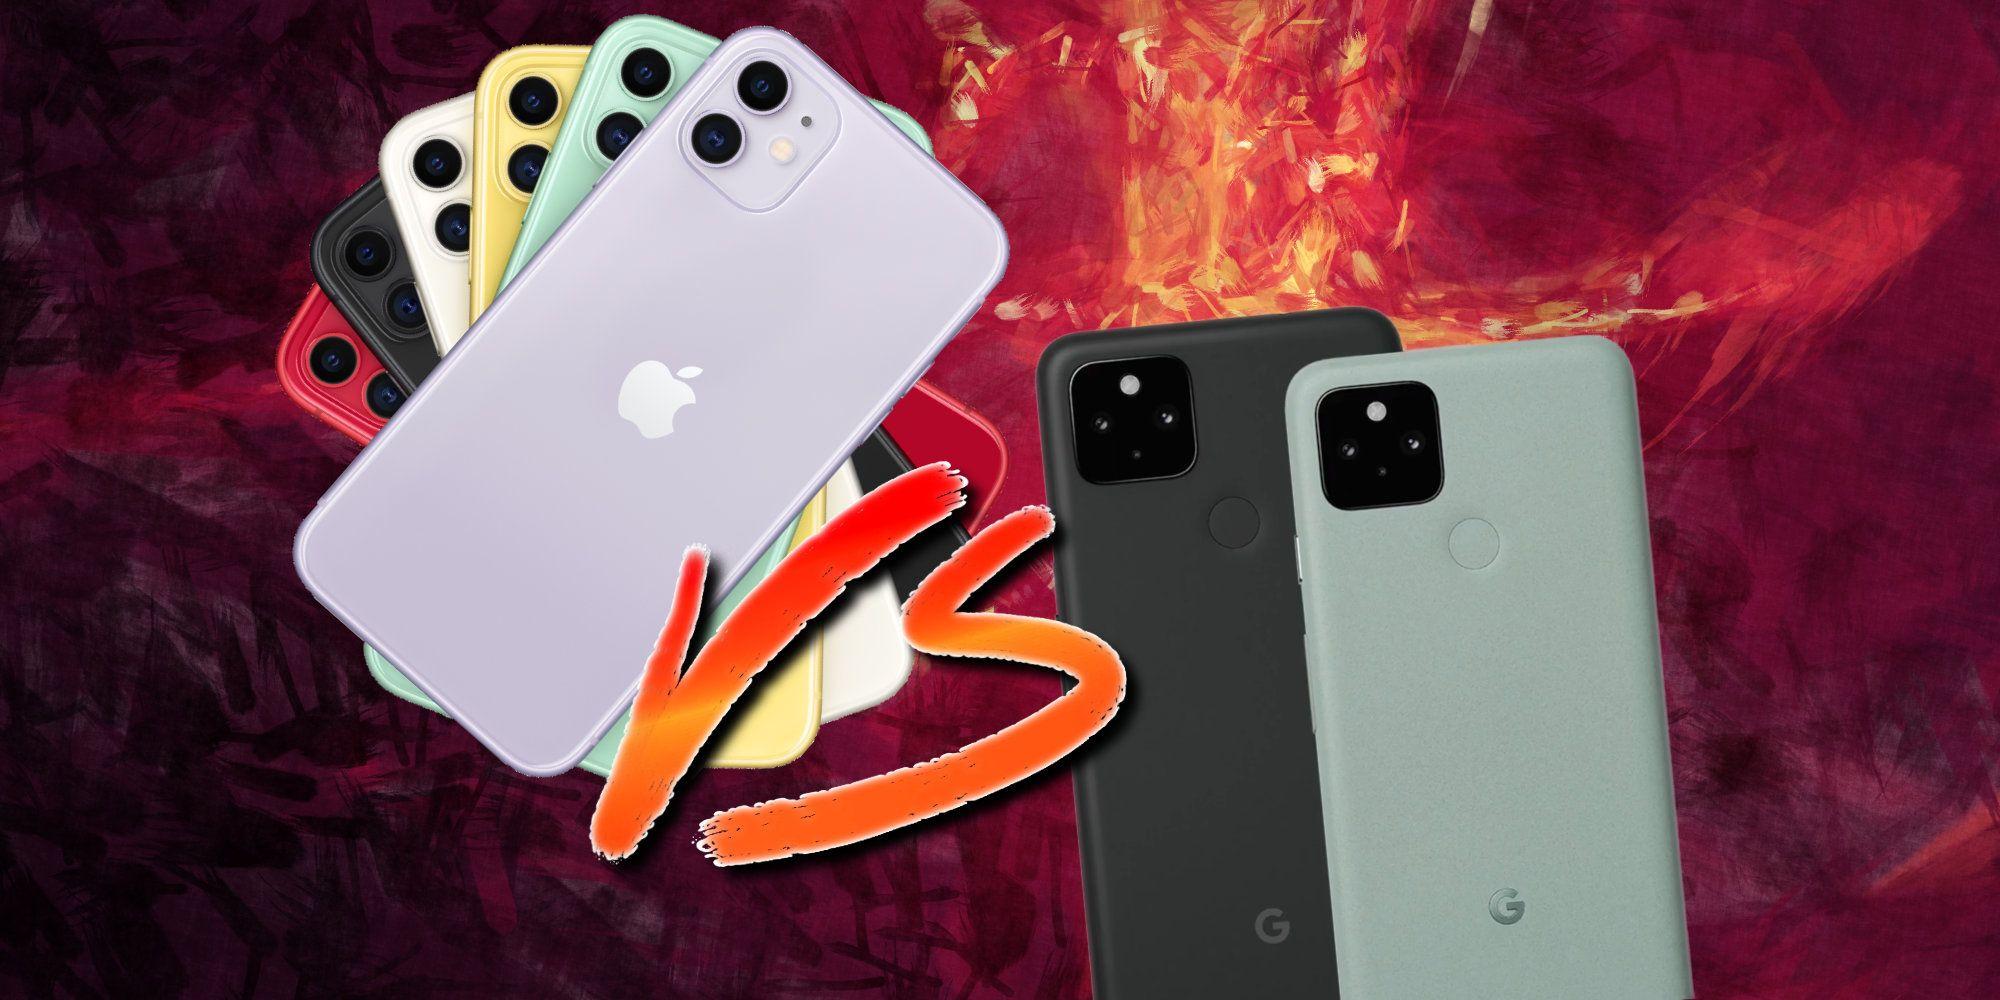 """Tầm 16 triệu chọn iPhone """"dung lượng khủng"""" hay smartphone """"hoàn hảo"""" của Google? - 1"""